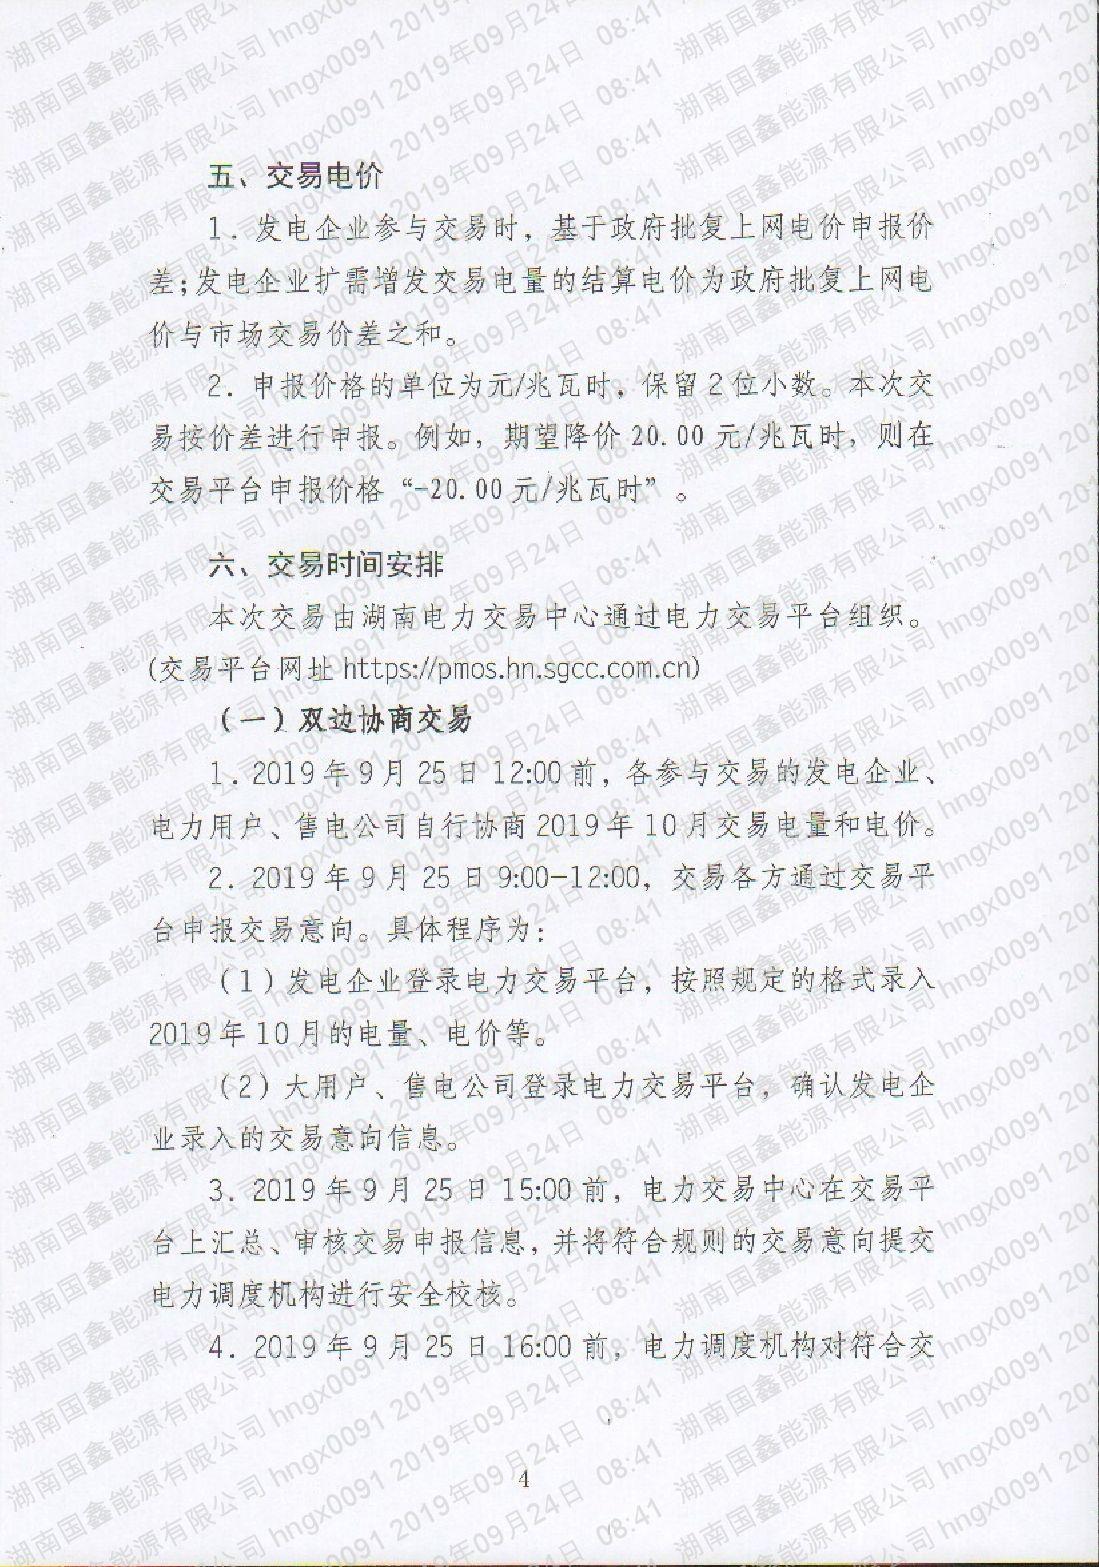 2019年第22號交易公告(10月擴需增發專場交易).pdf_page_4_compressed.jpg